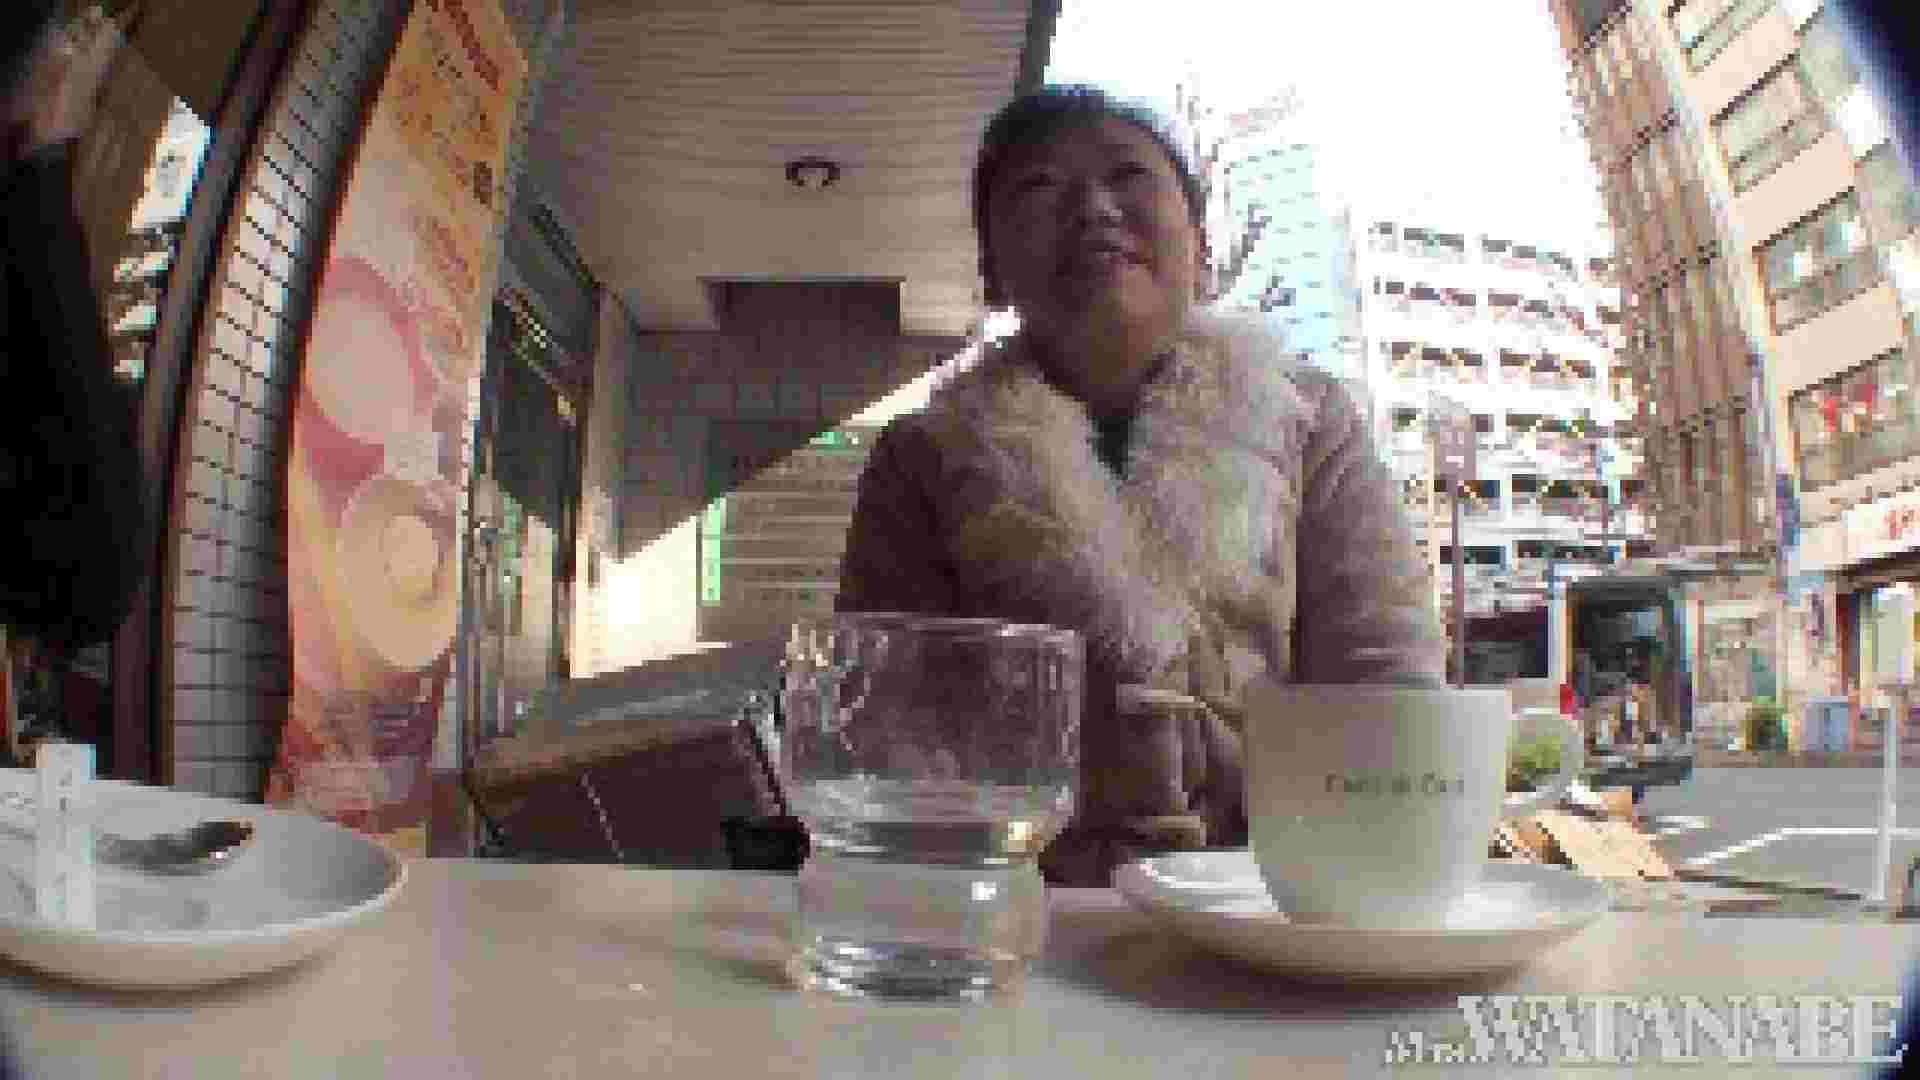 撮影スタッフを誘惑する痴熟女 かおり40歳 Vol.01 OLのエッチ オマンコ動画キャプチャ 73pic 30